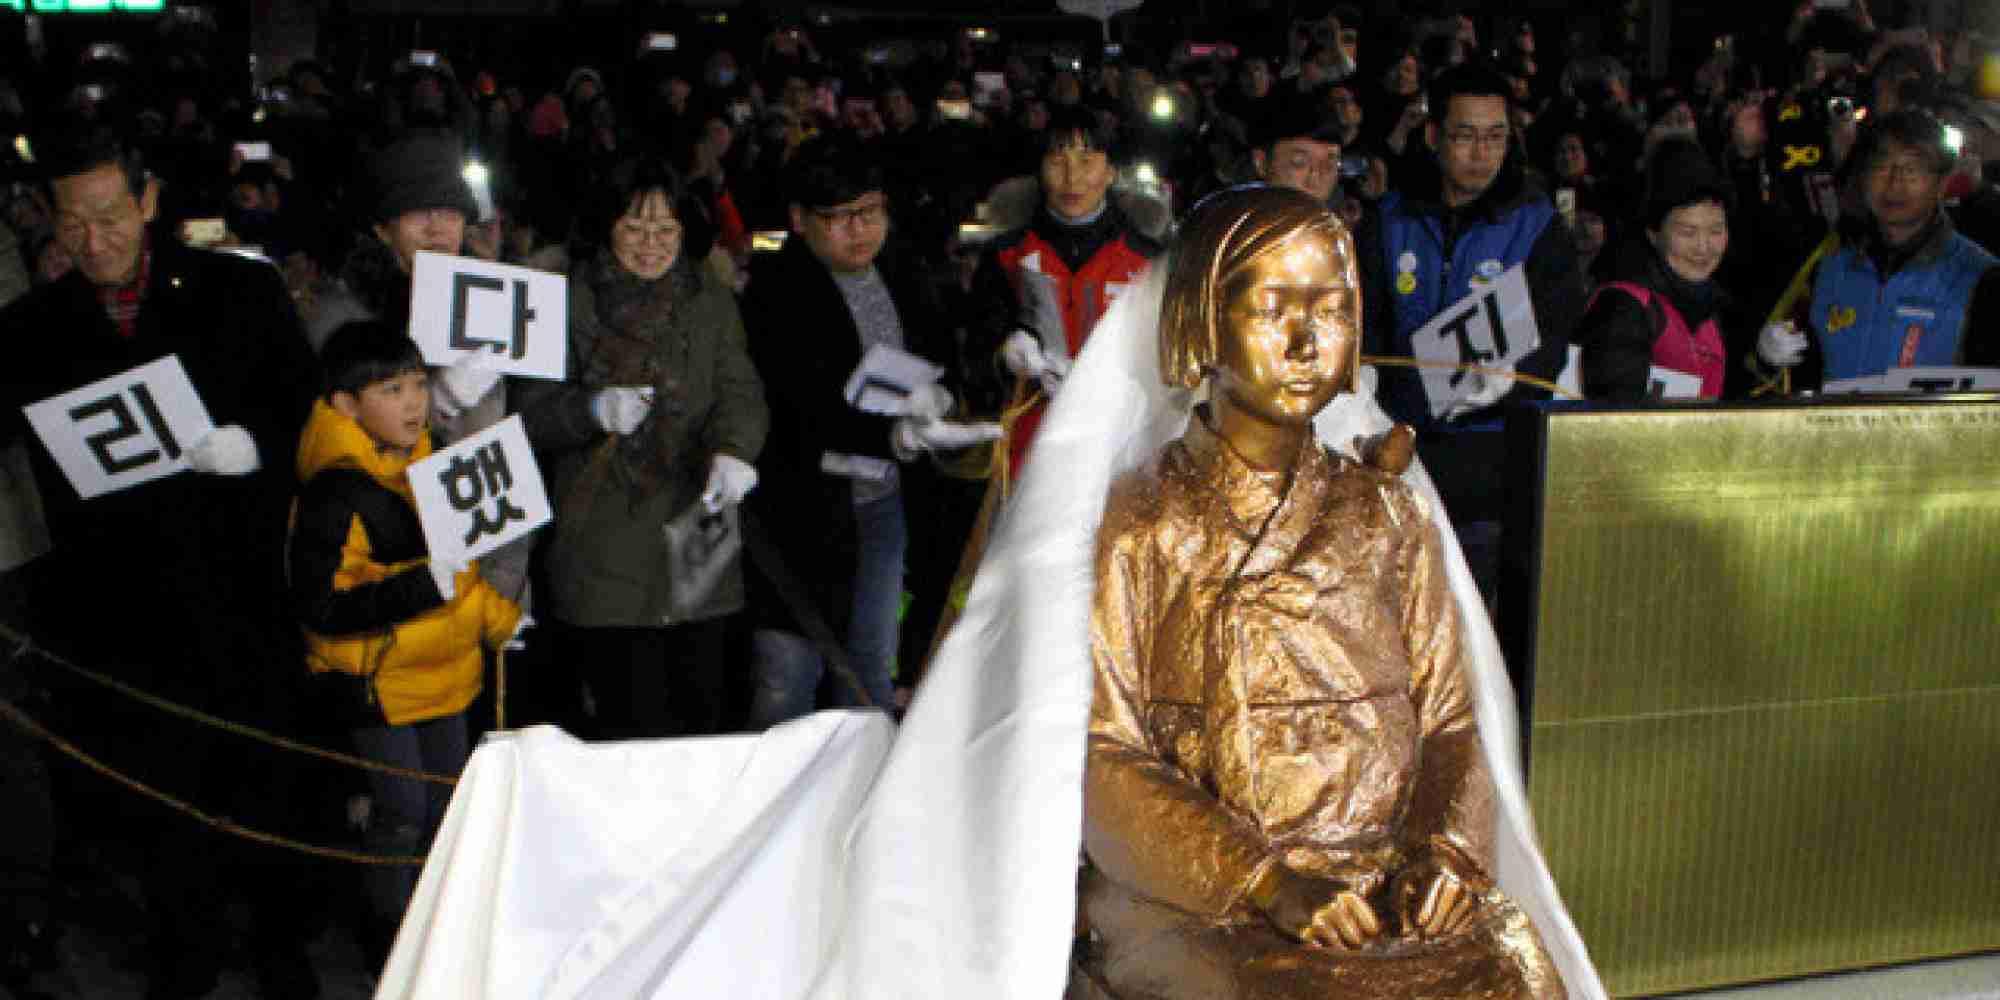 韓国民団、慰安婦象徴する少女像の撤去求める 「在日同胞共通の考え」